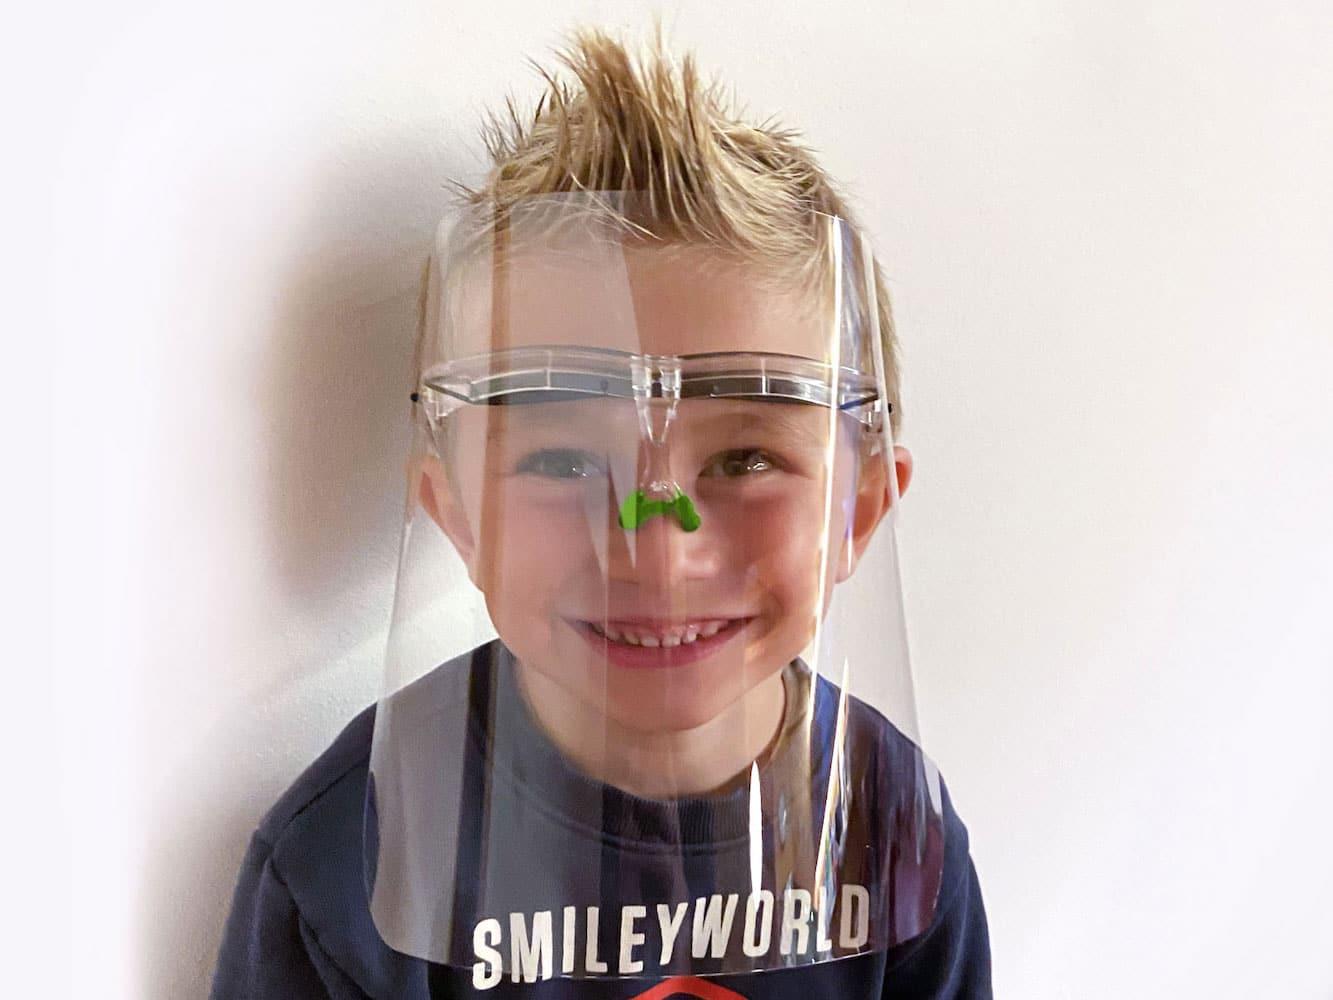 Visiera Protettiva Bambino / Protective Face Visor Kids MOD. SP-2001 SMALL - Healthcare by Silcon Plastic